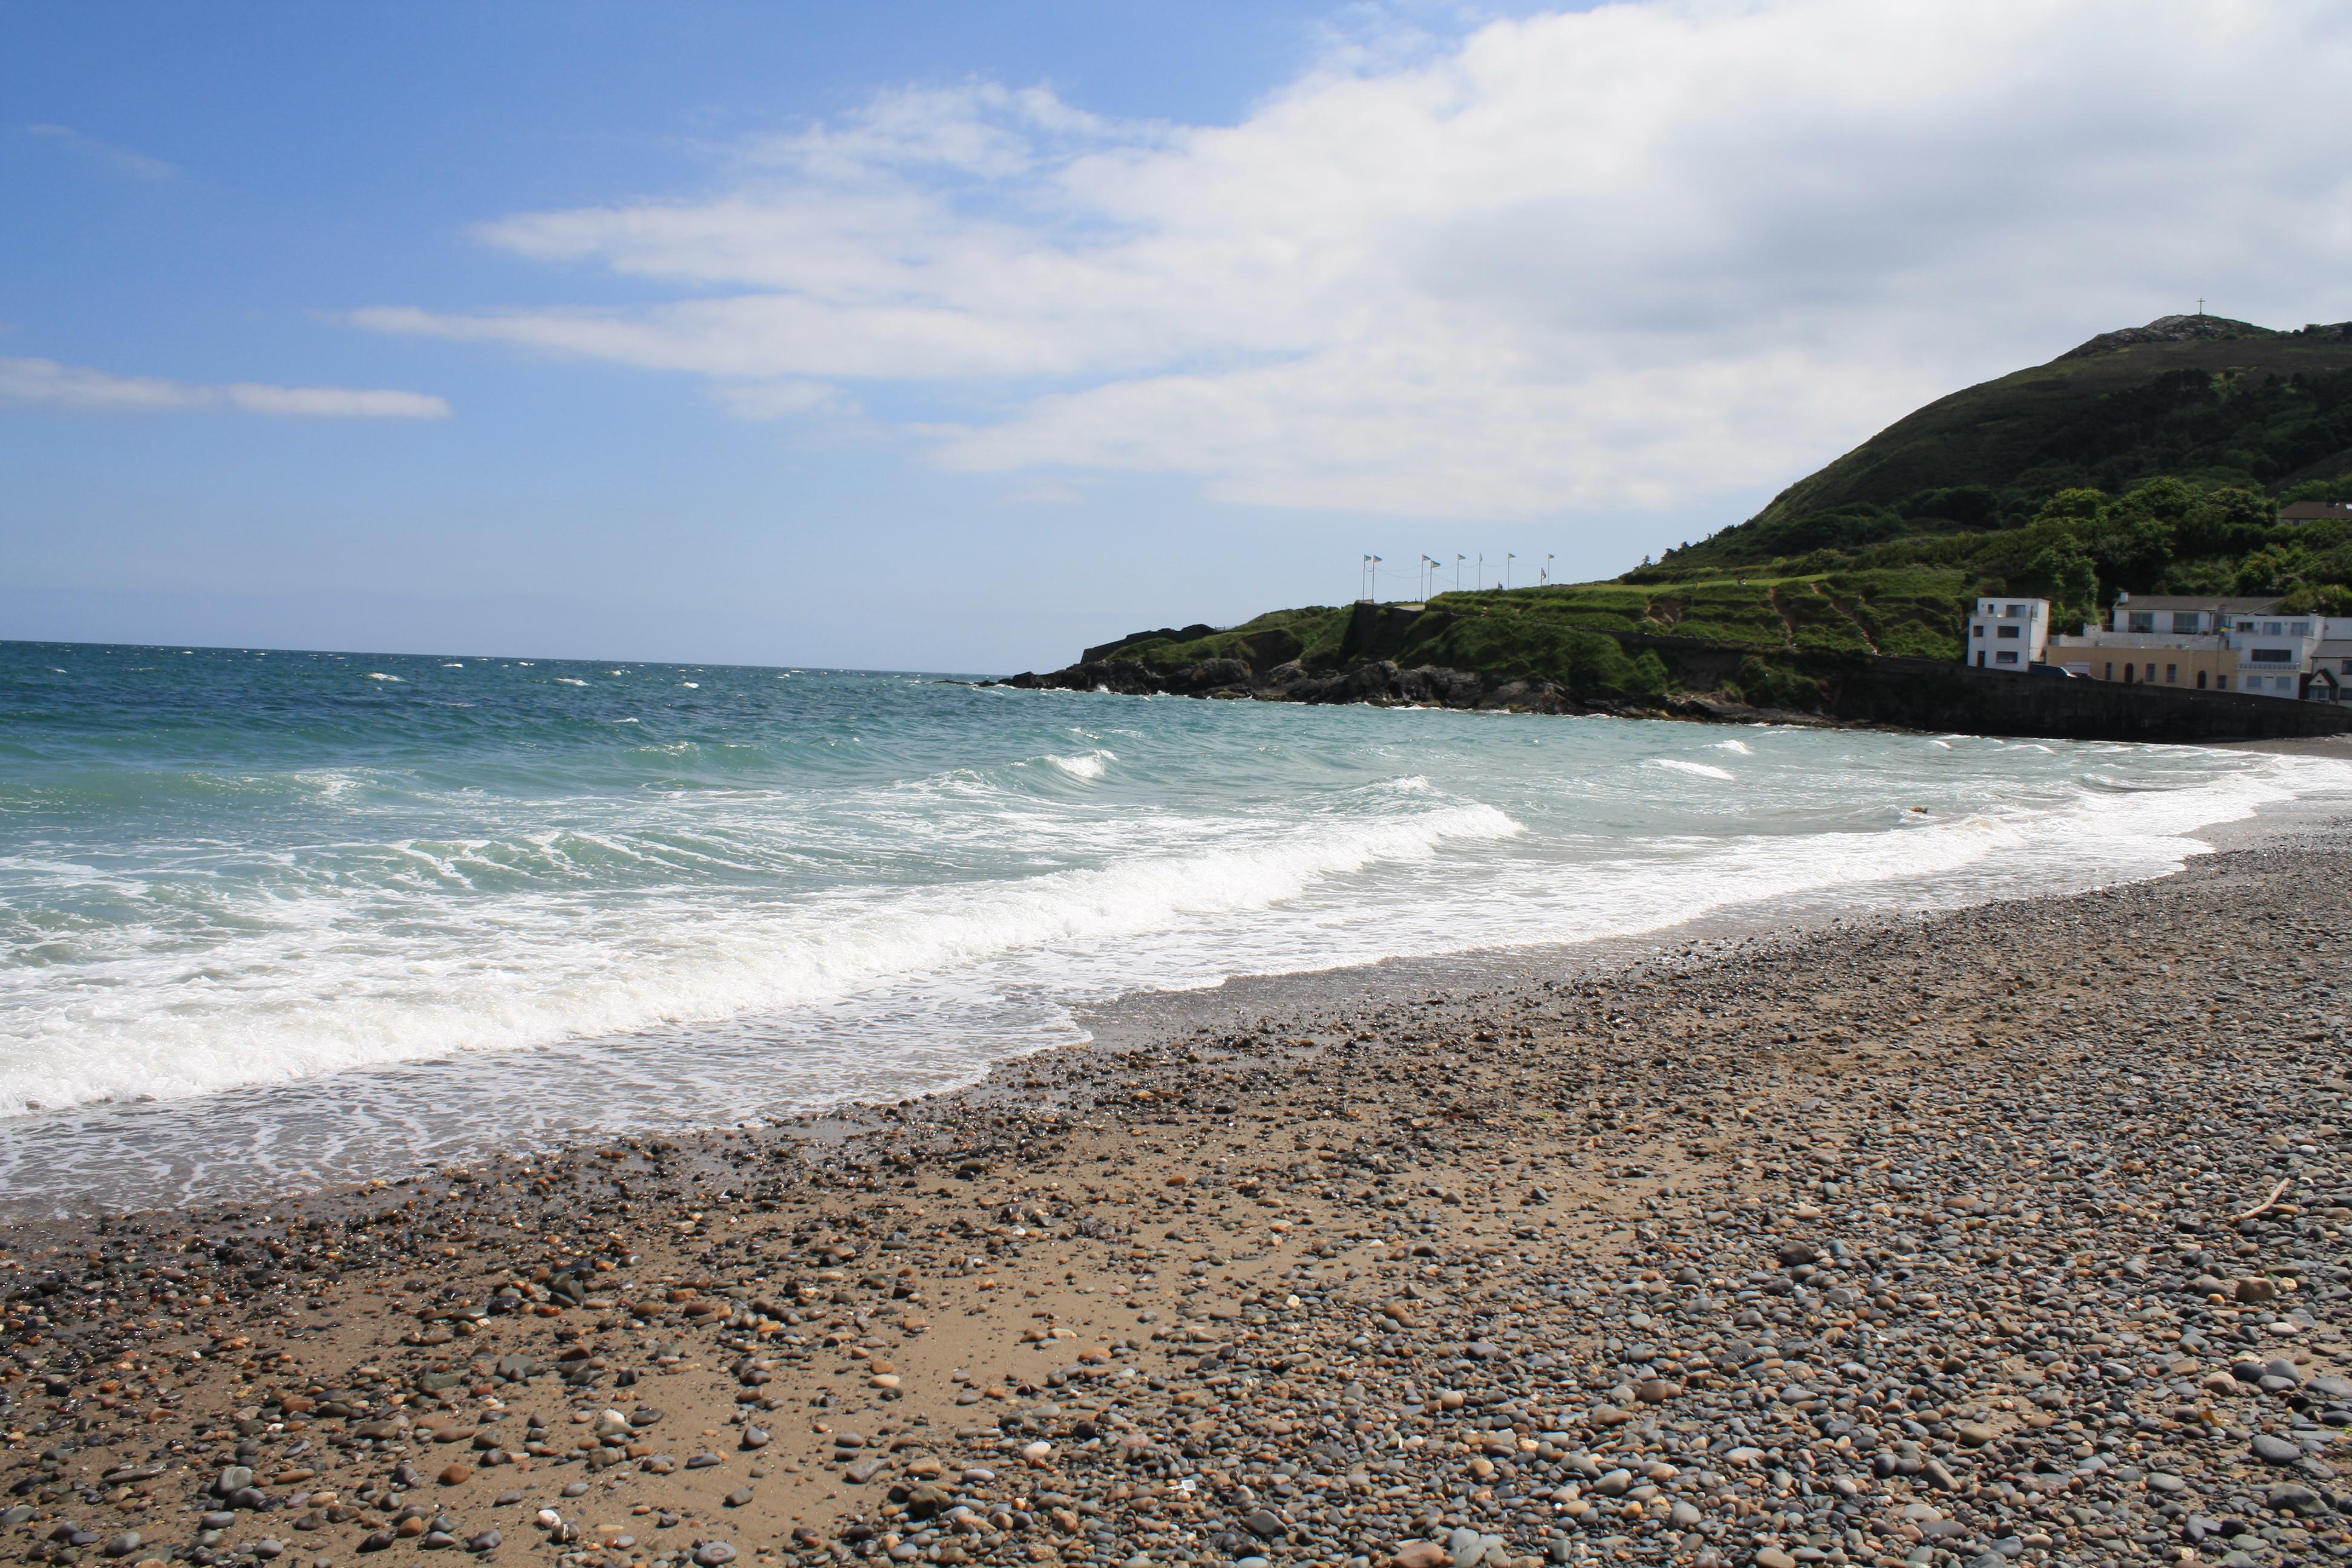 Undiscovered Ireland, Bray, tonyshirley.co.ukw - My Ireland Tour